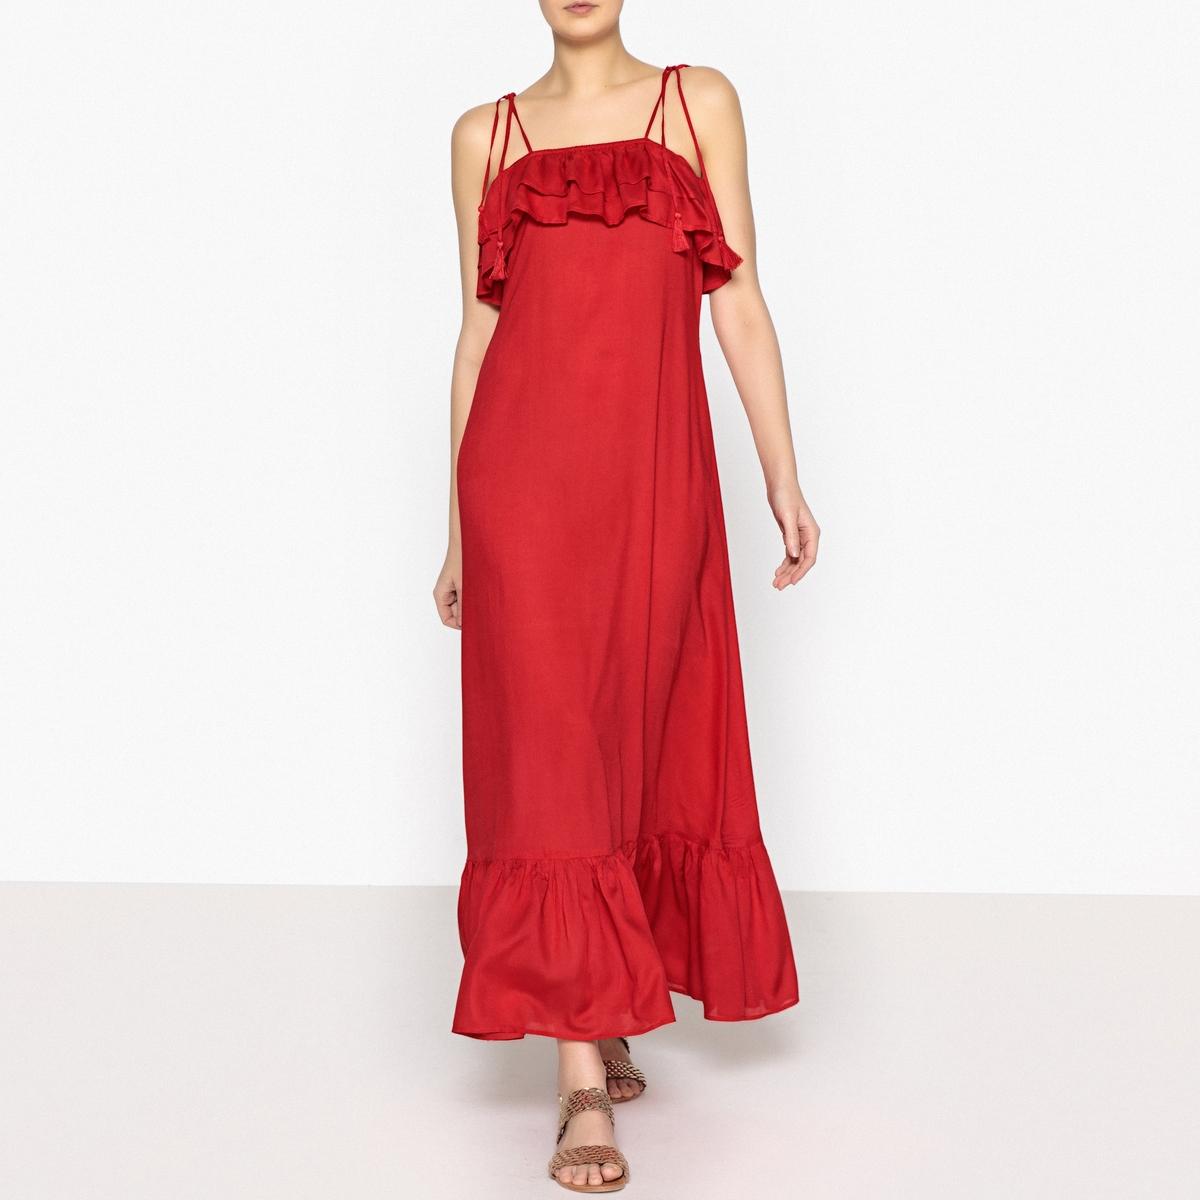 Платье длинное BOWLY LONG DRESSОписание:Длинное платье ANTIK BATIK - модель BOWLY LONG DRESS. Двойные воланы на груди и резинка. Завязки на плечах. Свободный покрой, волан снизу. Из очень мягкой вискозы.Детали •  Форма : расклешенная •  Удлиненная модель •  Тонкие бретели    •  Без воротникаСостав и уход •  100% вискоза •  Следуйте советам по уходу, указанным на этикетке •  Длина ок.115 см. для размера 36, волан снизу<br><br>Цвет: красный